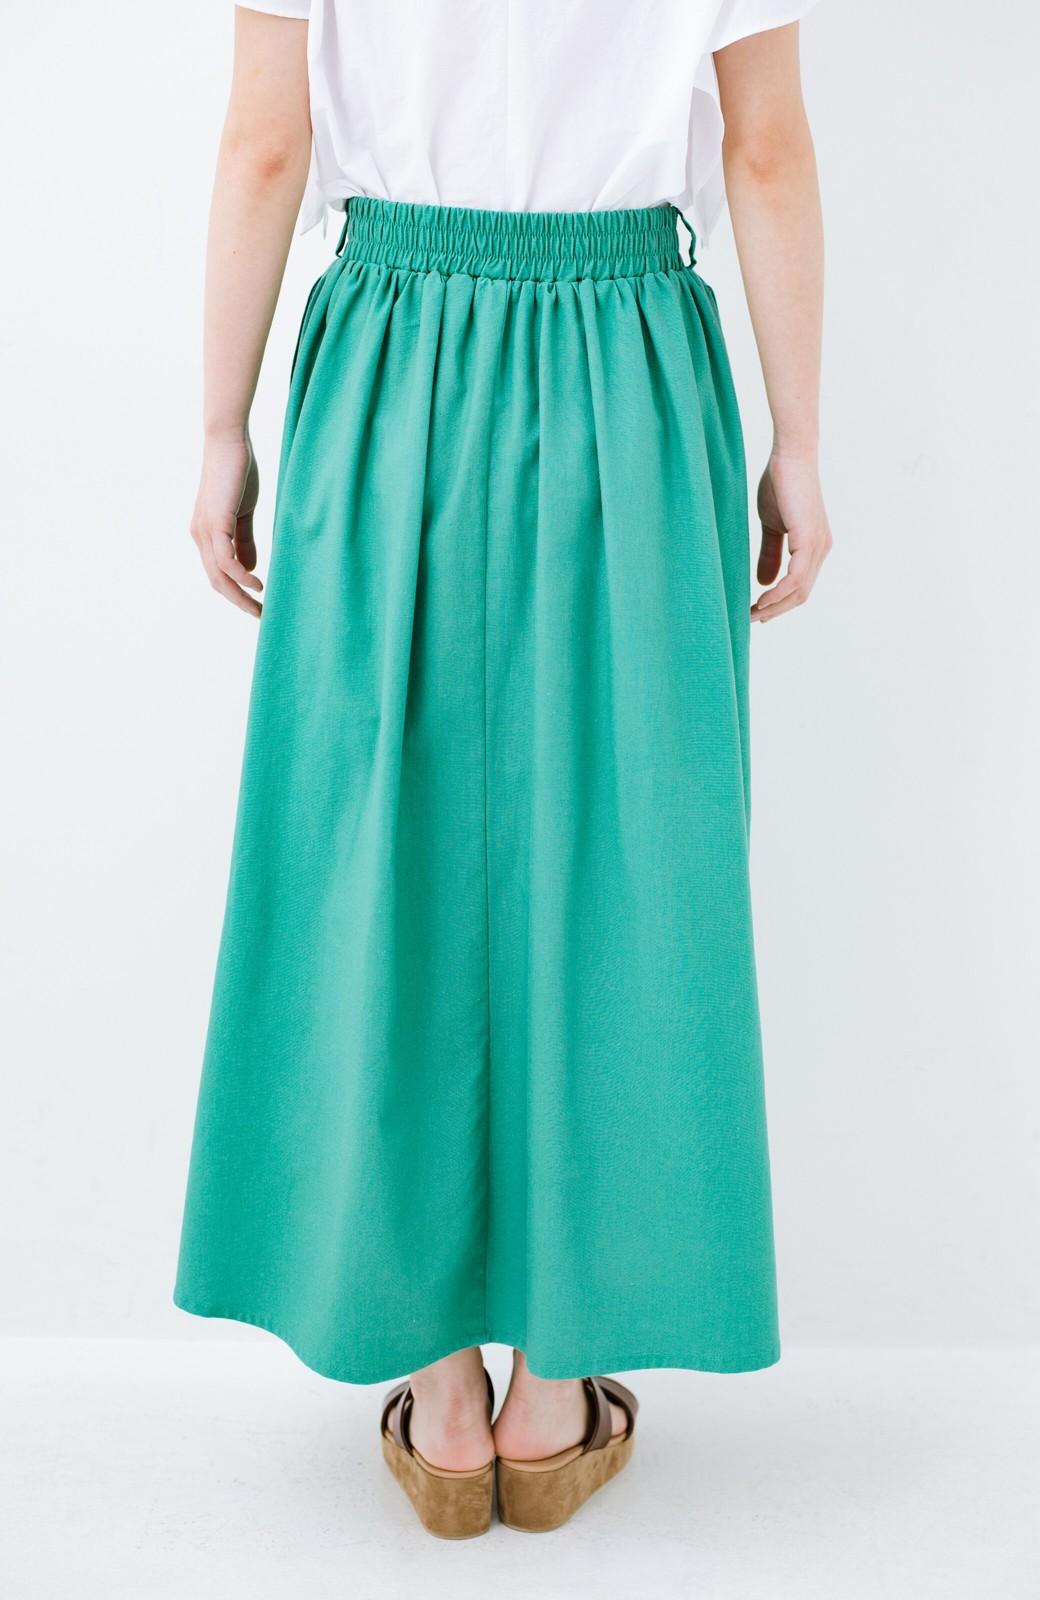 haco! 楽してスタイルが決まる 涼やか麻混スカート <グリーン>の商品写真5